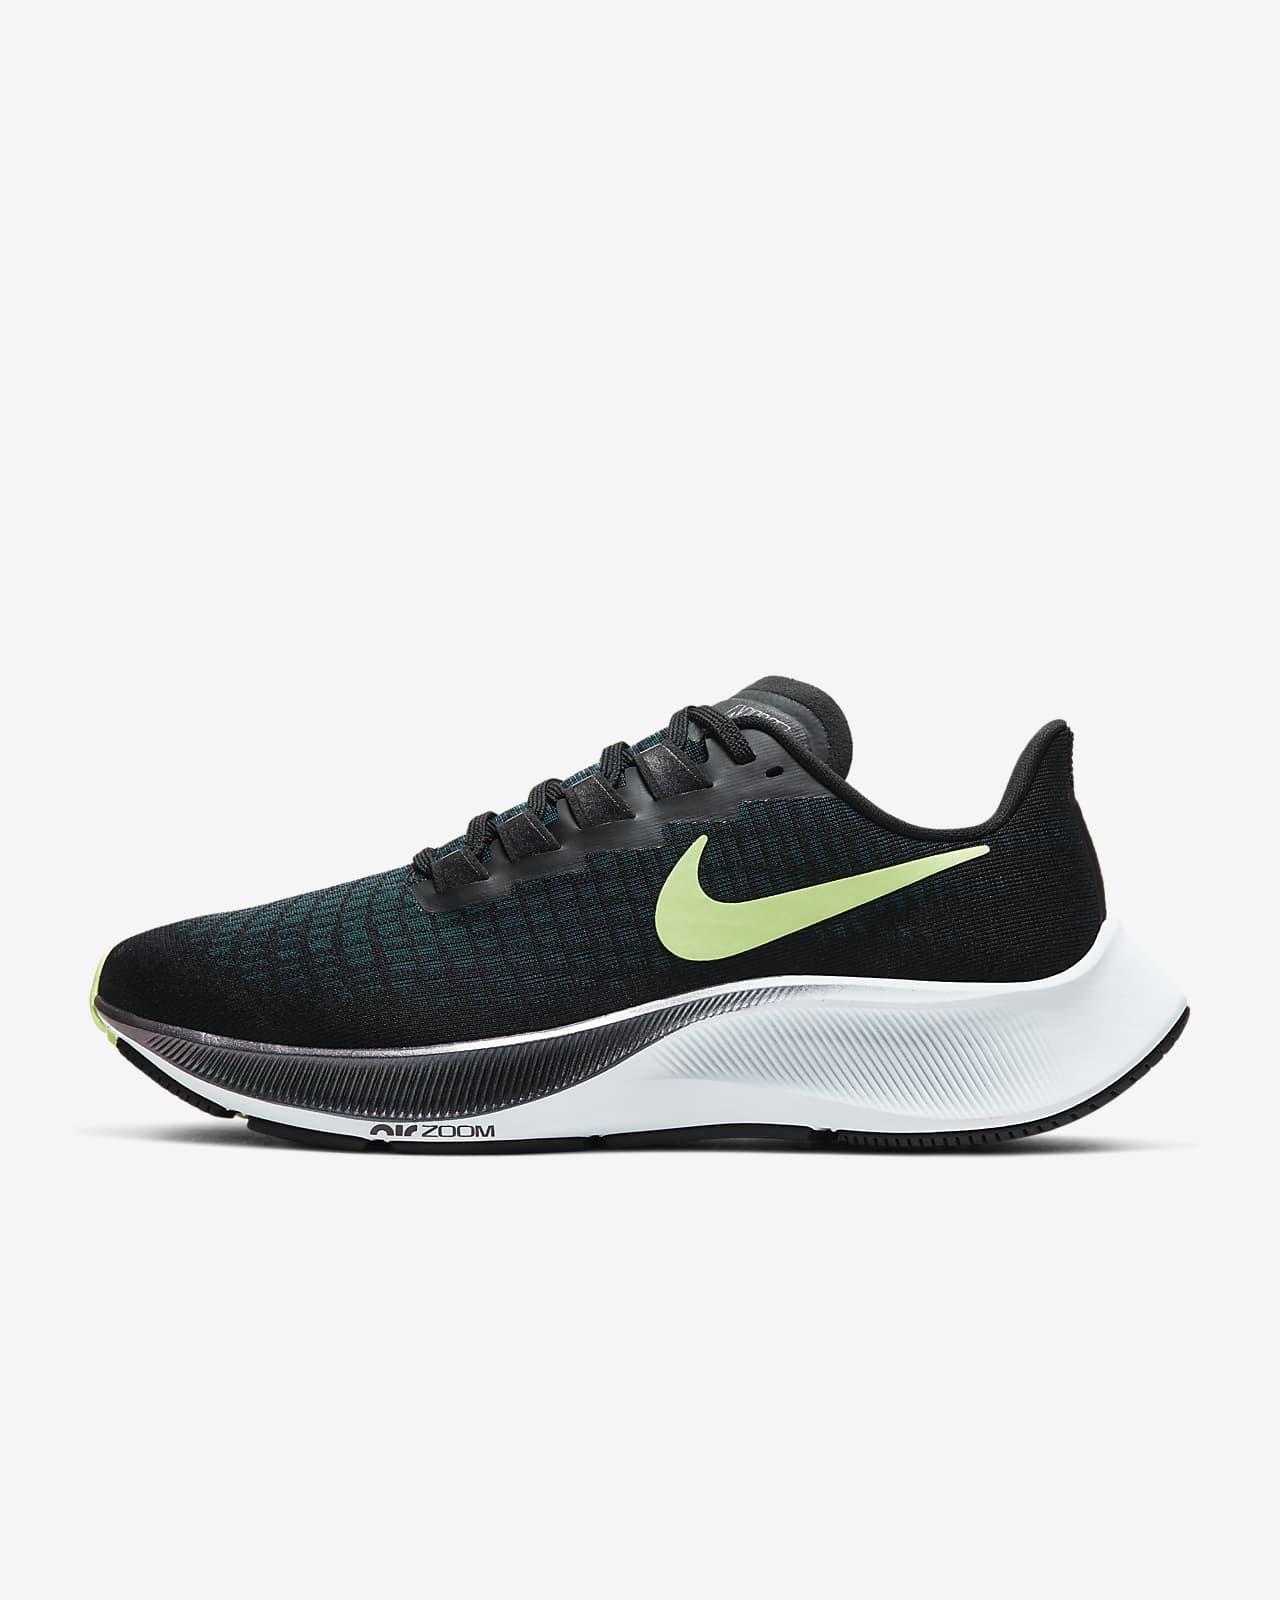 Γυναικείο παπούτσι για τρέξιμο Nike Air Zoom Pegasus 37